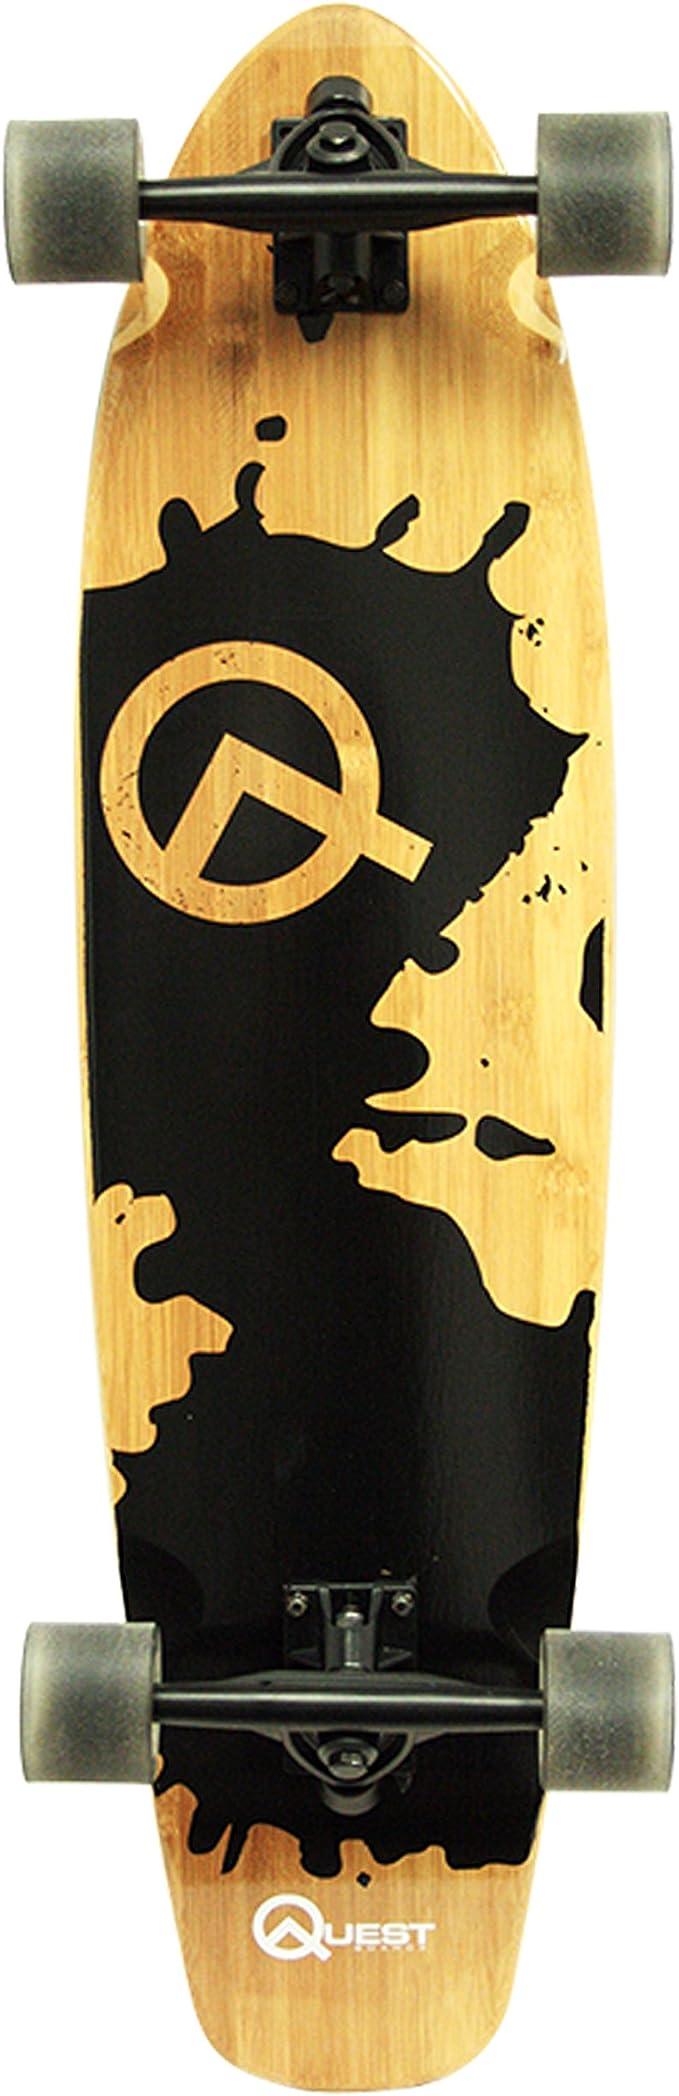 Drop-Through Freeride Cruiser Boards 9 Strati di Acero Canadese con Lo Strumento-T Opzionale Ruota a LED Cuscinetti a Sfera ABEC High Speed WRISCG Longboard Skateboard 120/×23cm Tavola Completa